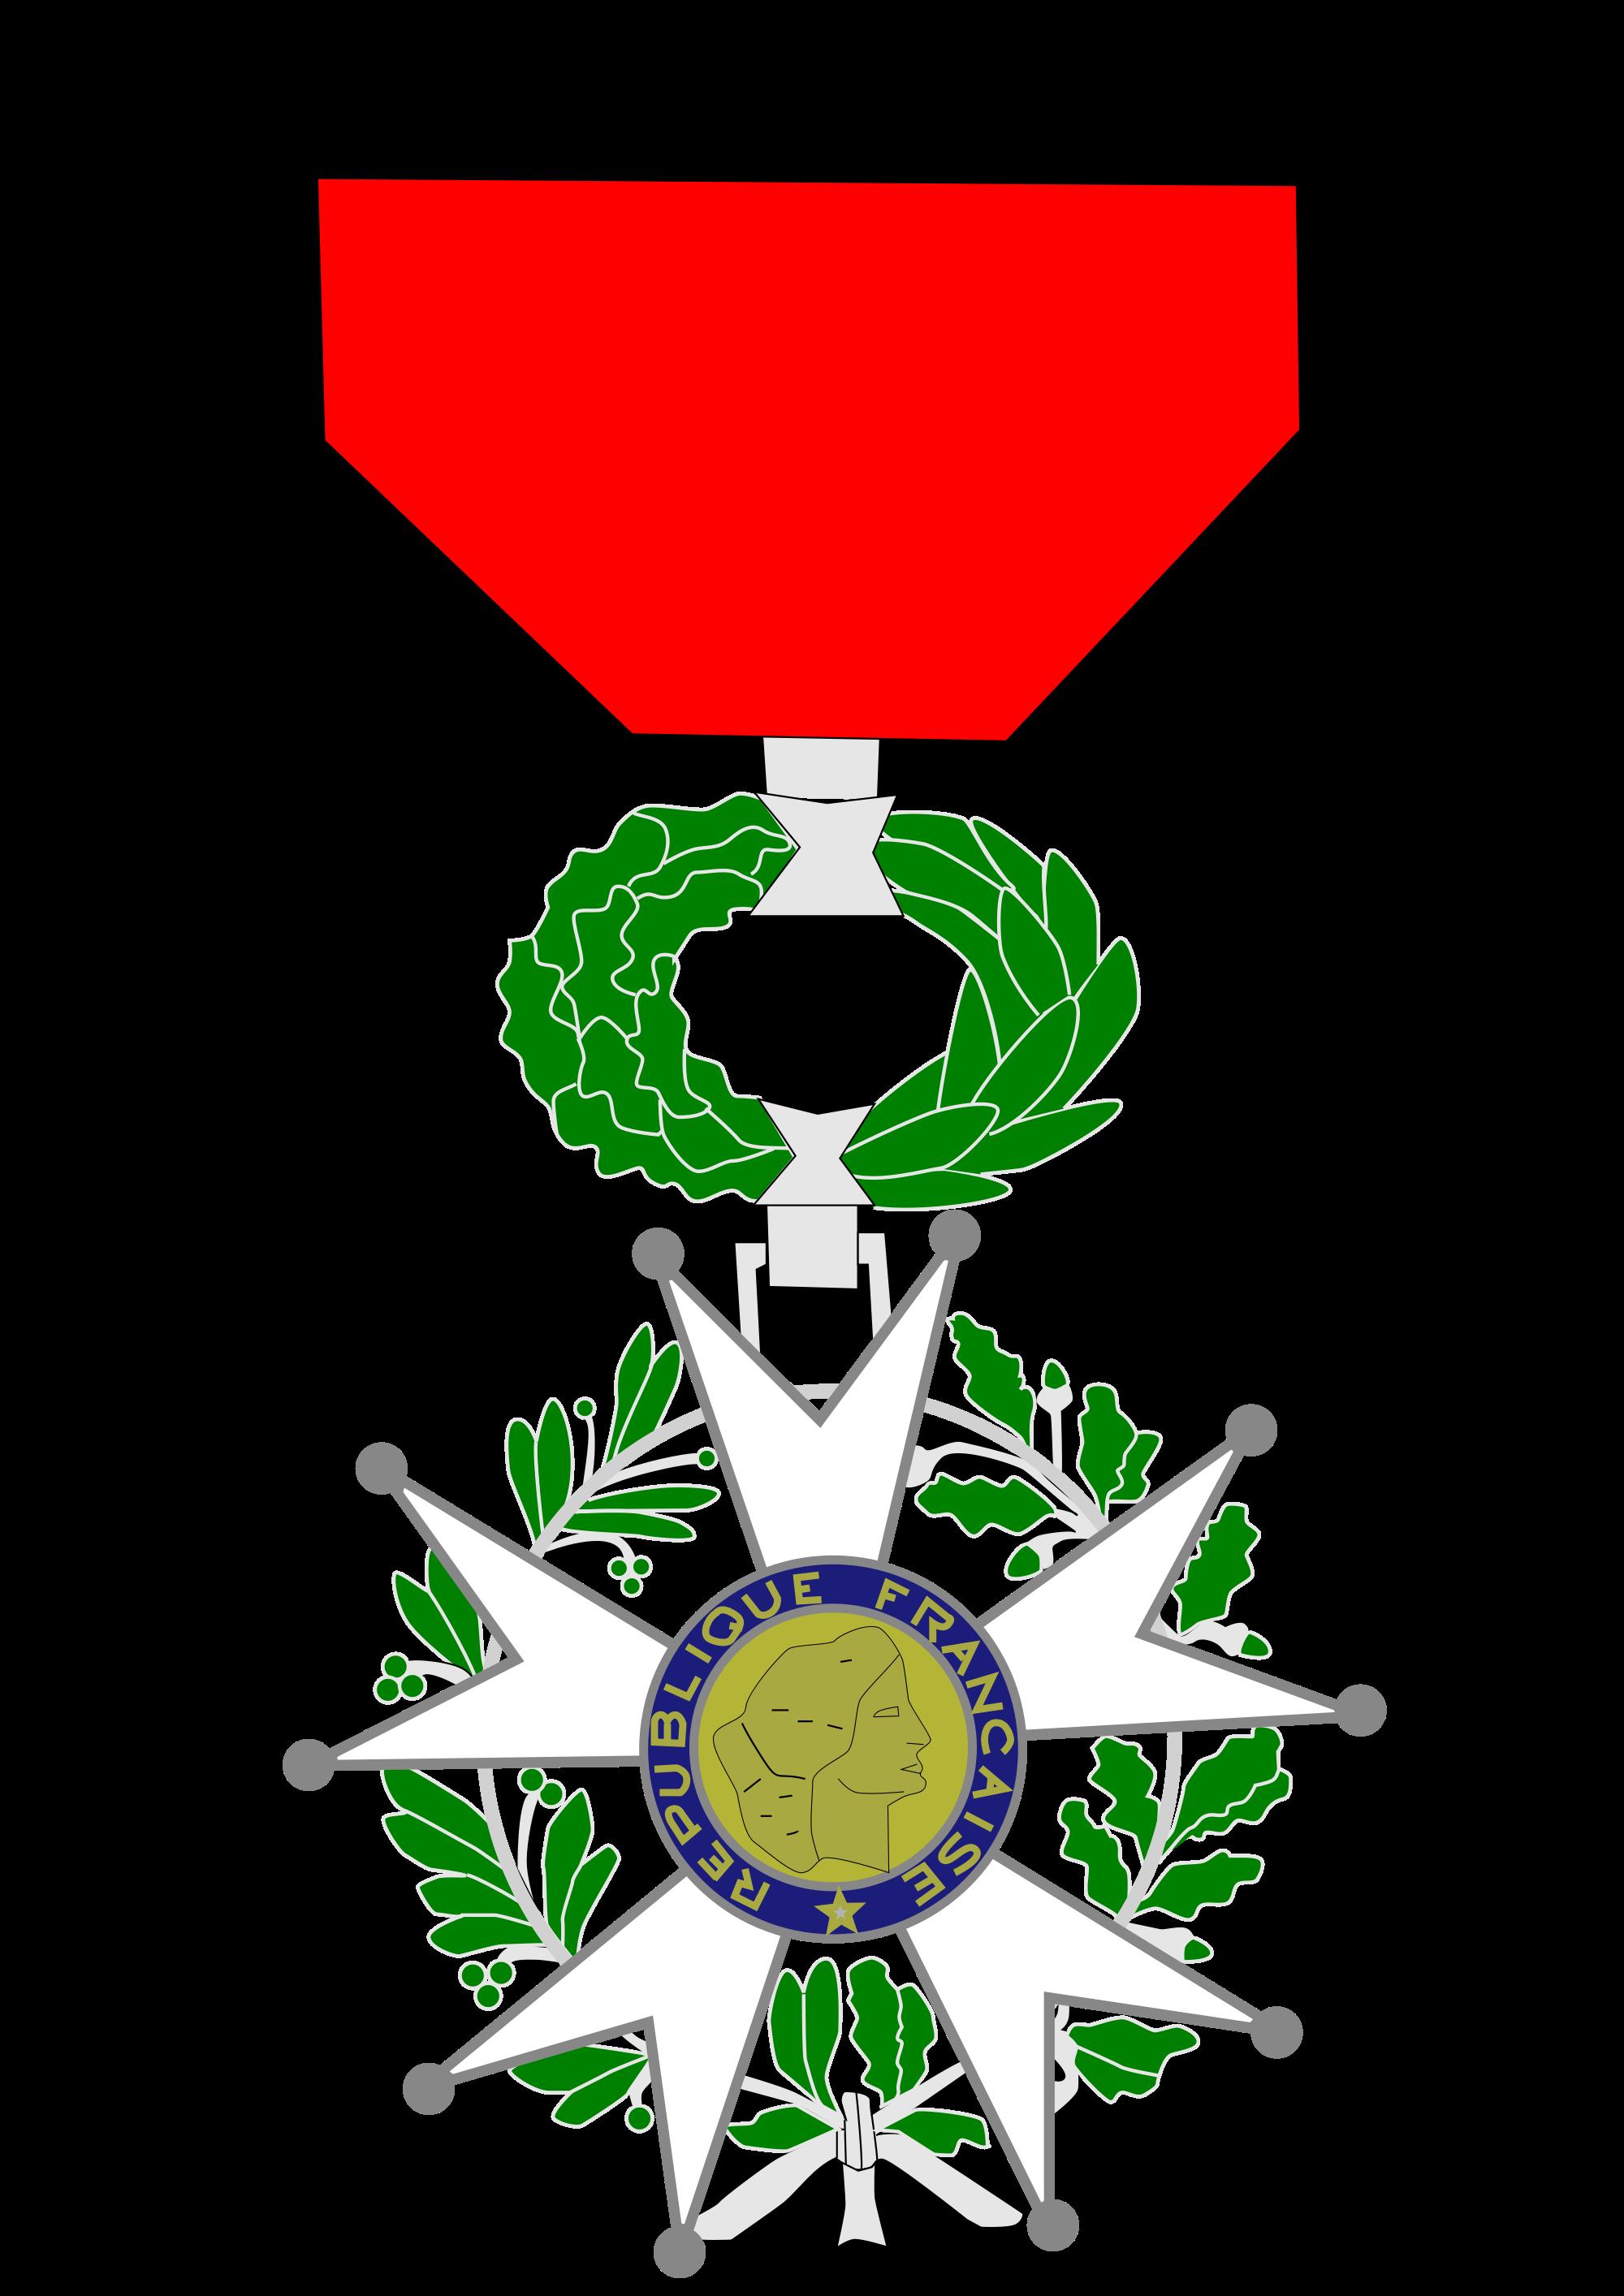 File:Meuble Légion d'honneur 2.svg.